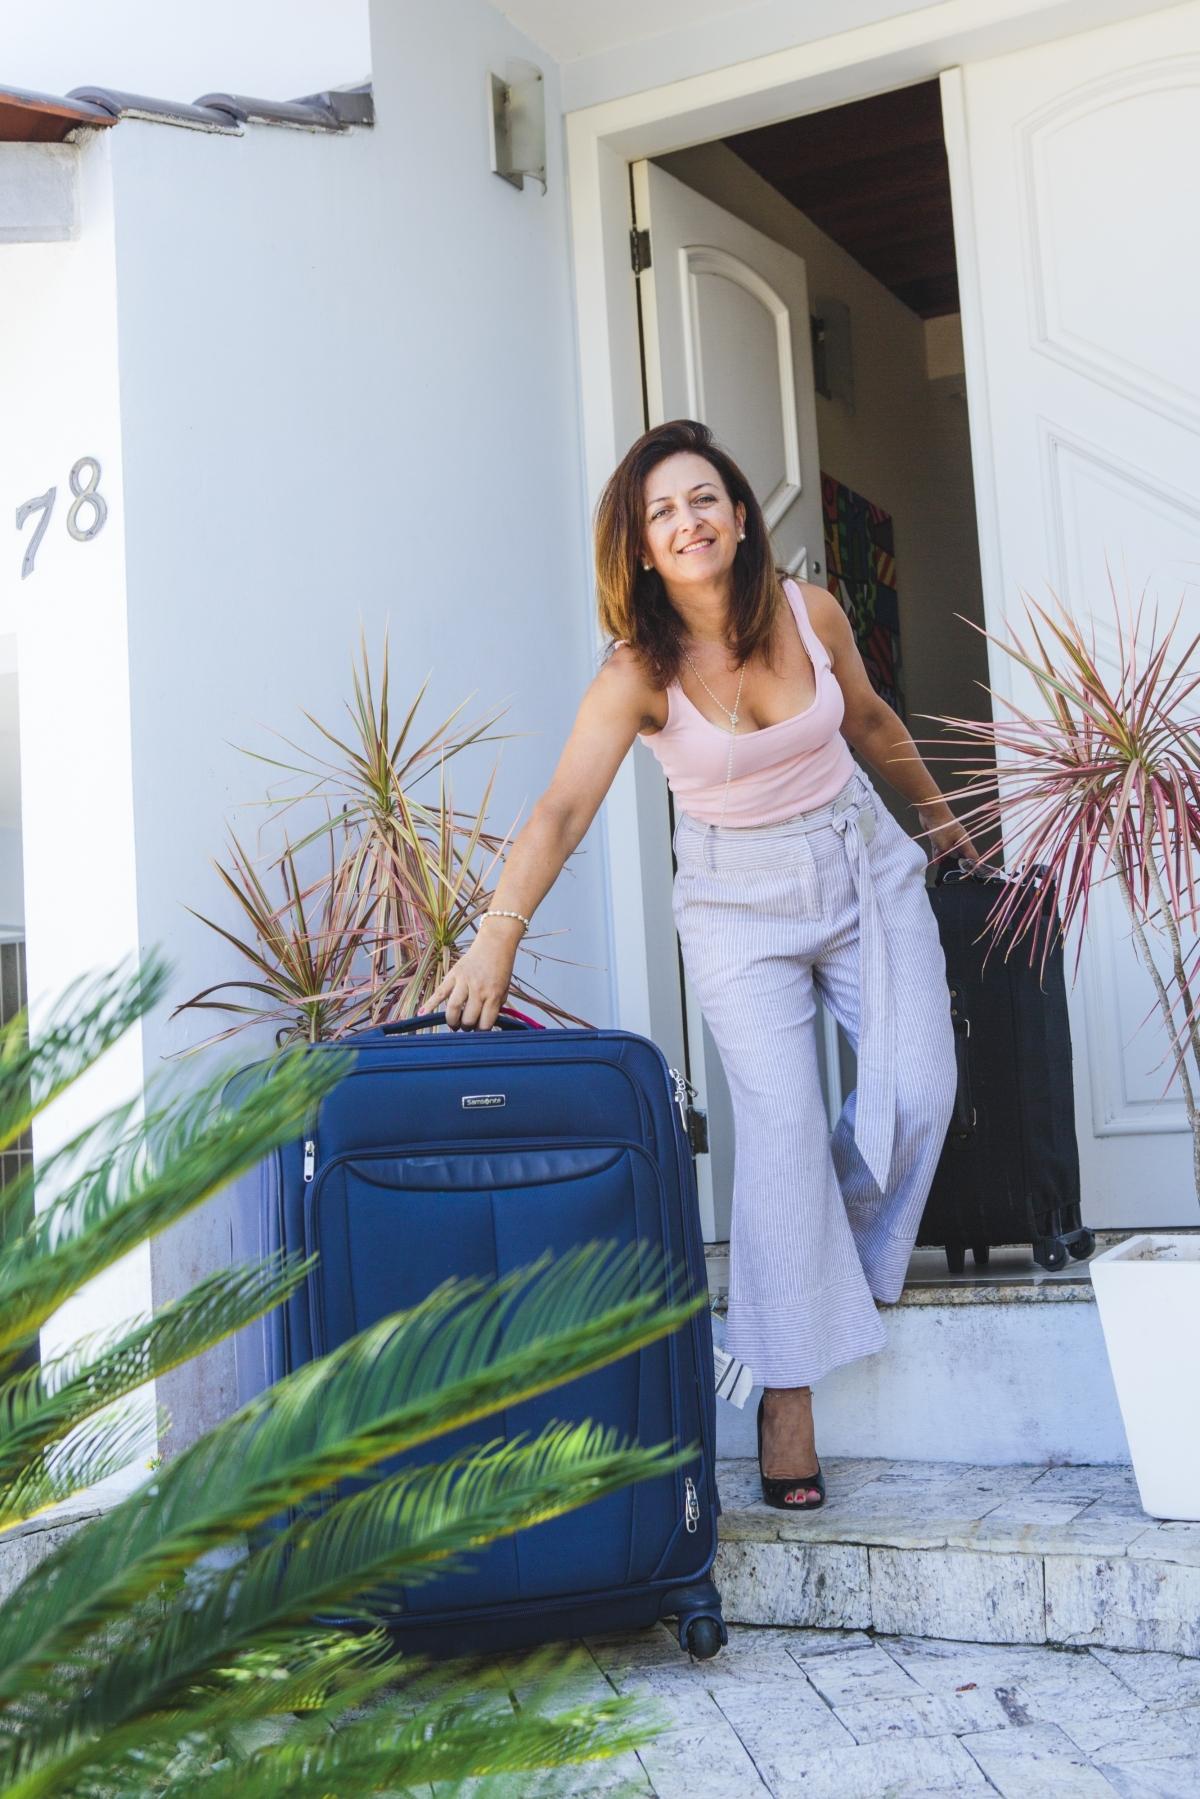 Eliane Furlan cedeu seu apartamento para uma canadense e parte esse ano para estadia em Montreal - Daniel Queiroz/ND